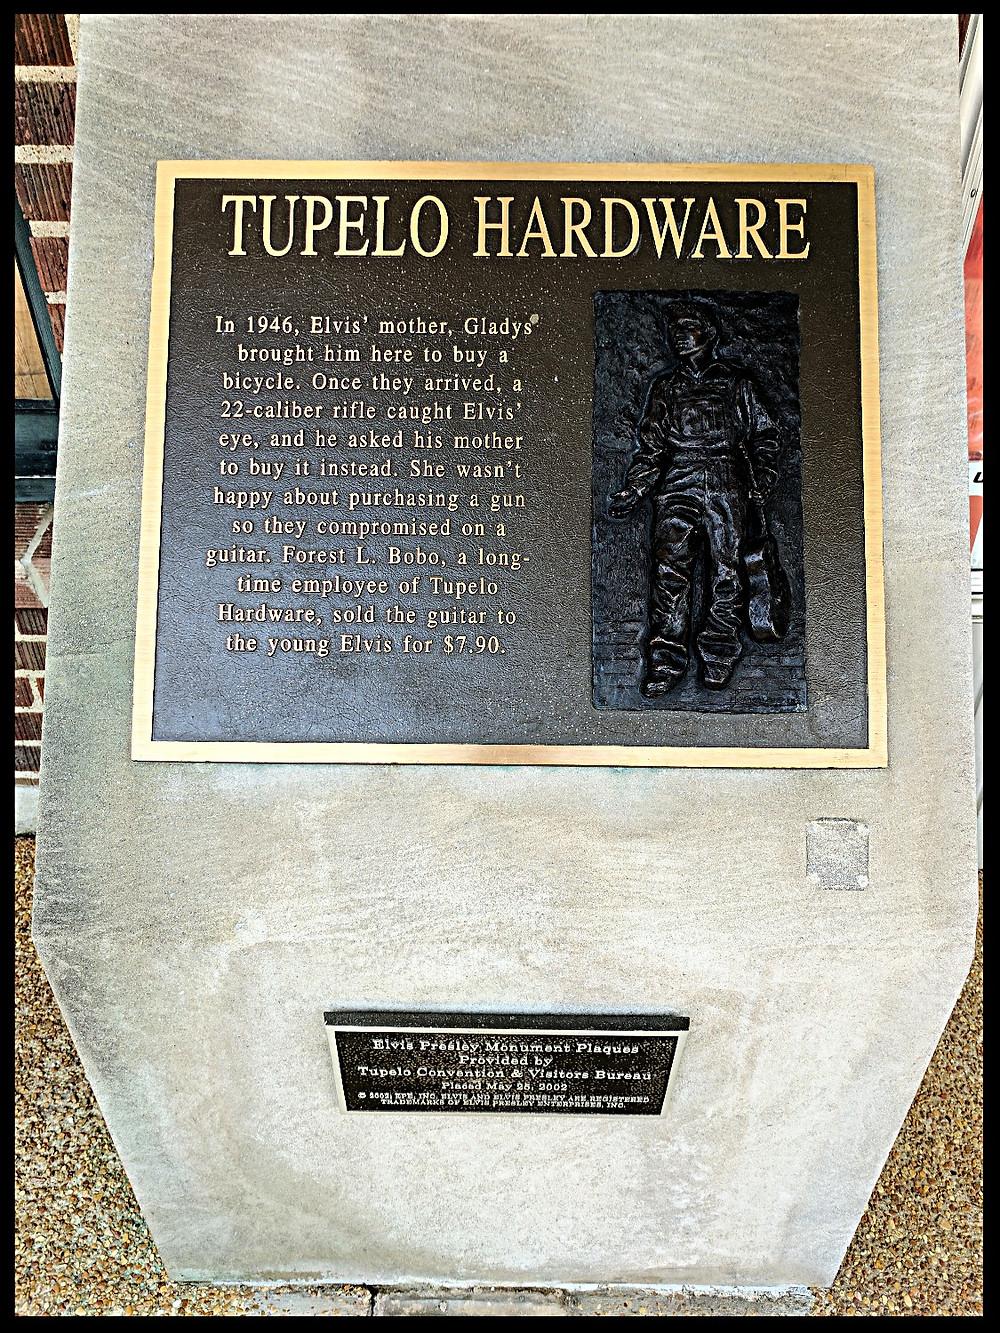 Tupelo Hardware, Tupelo, Mississippi.